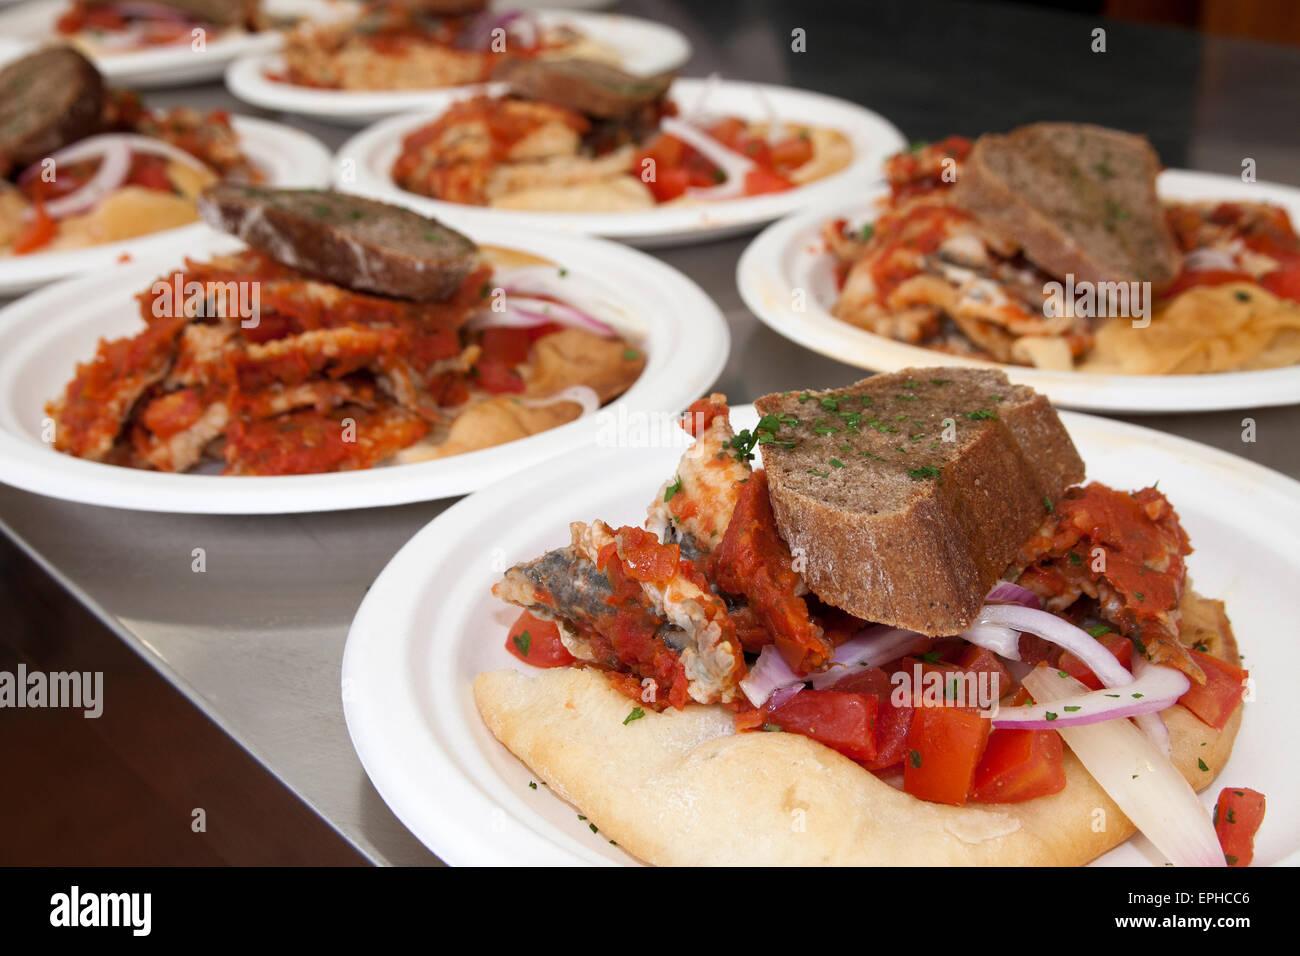 anchovies with bread, onions and tomato, bagnun di acciughe con galletta del marinaio, italian seafood - Stock Image